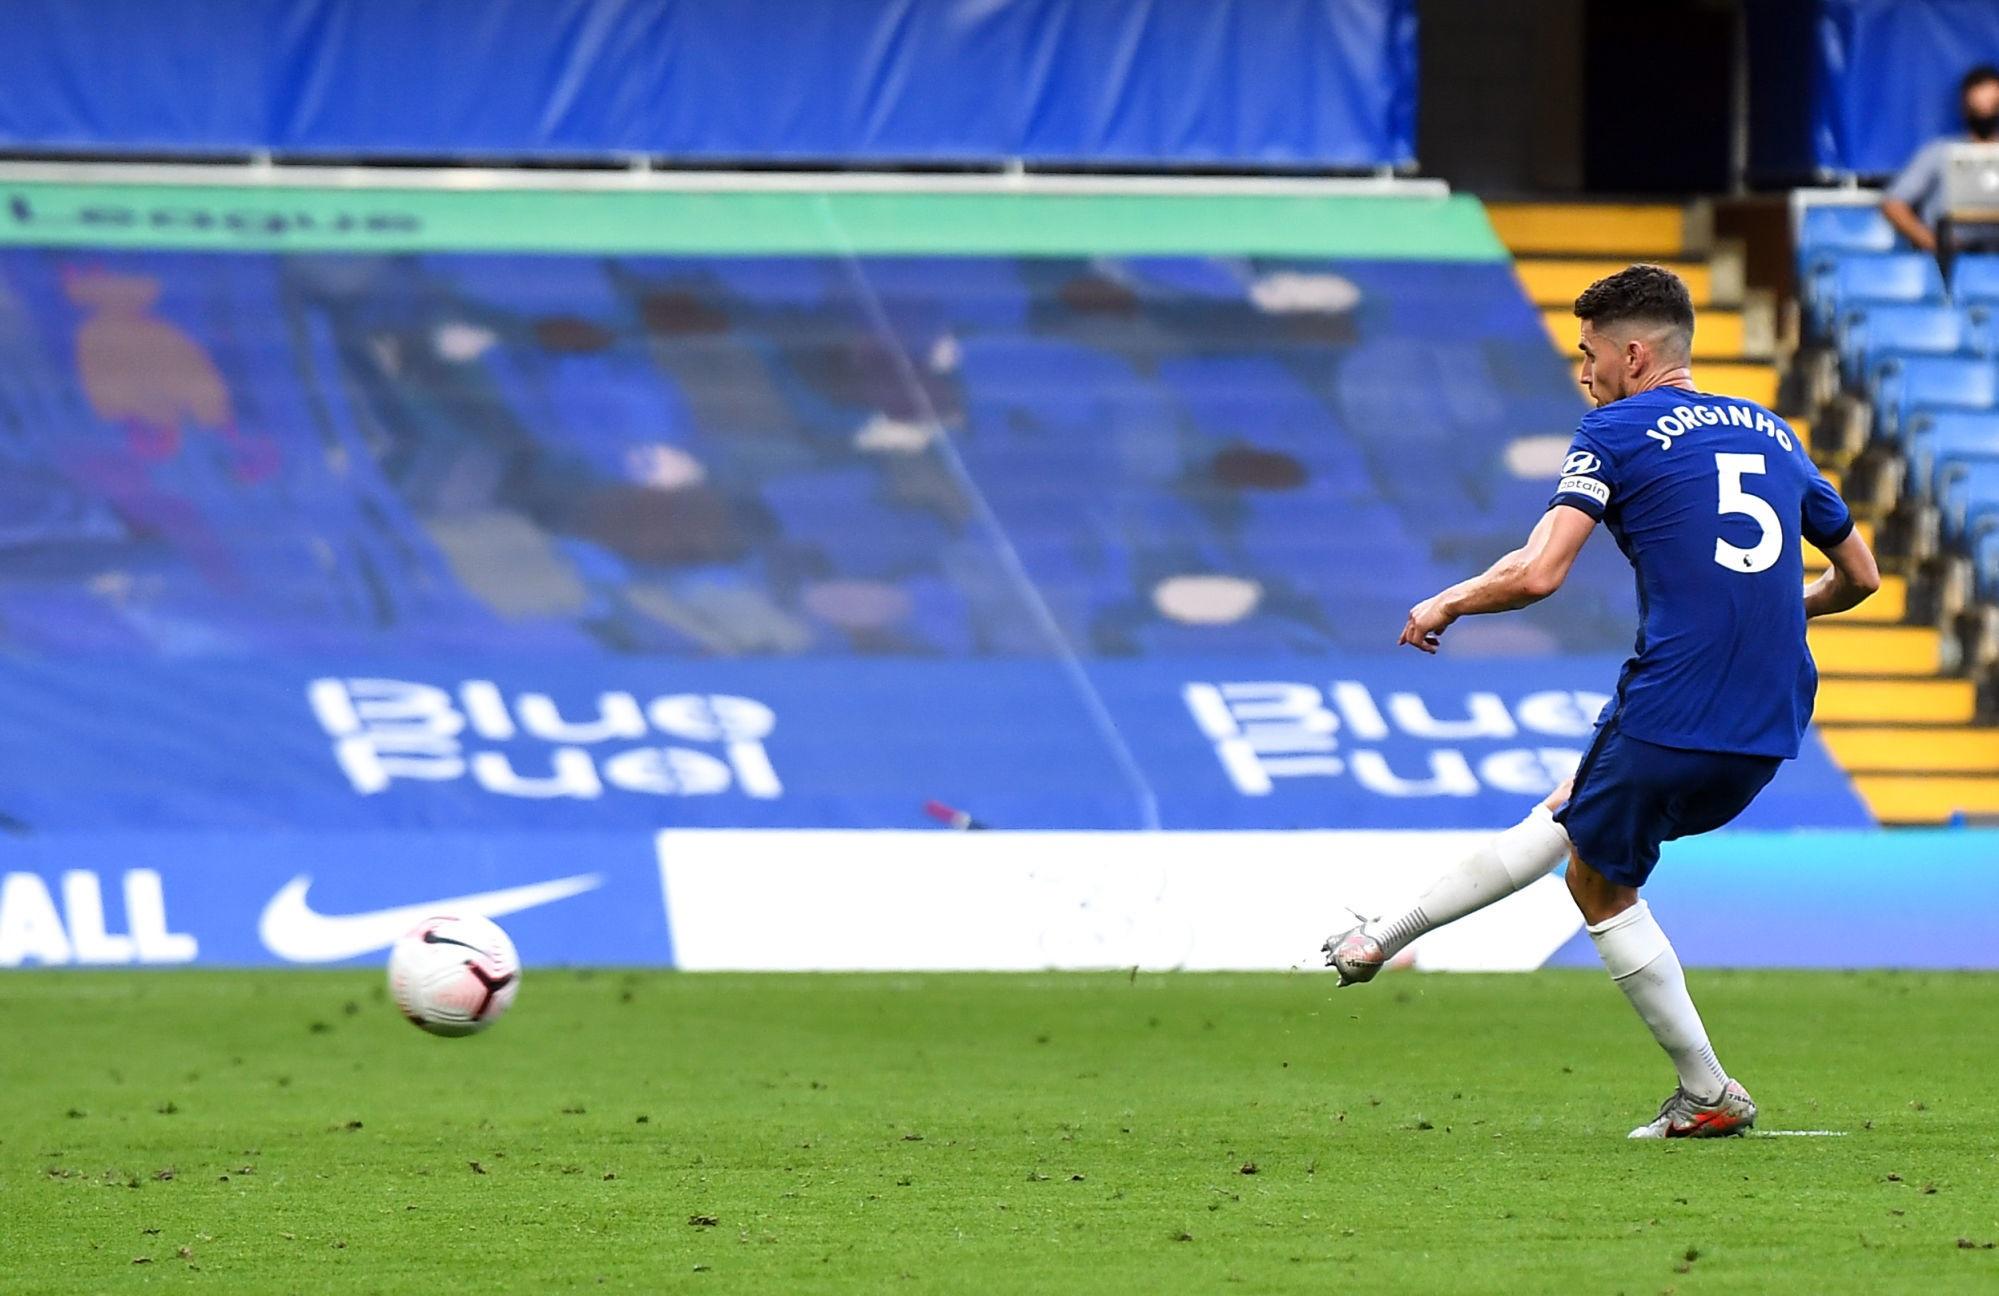 Mercato - Le PSG n'a pas contacté Jorginho et n'avance pas pour Bakayoko, selon Le Parisien